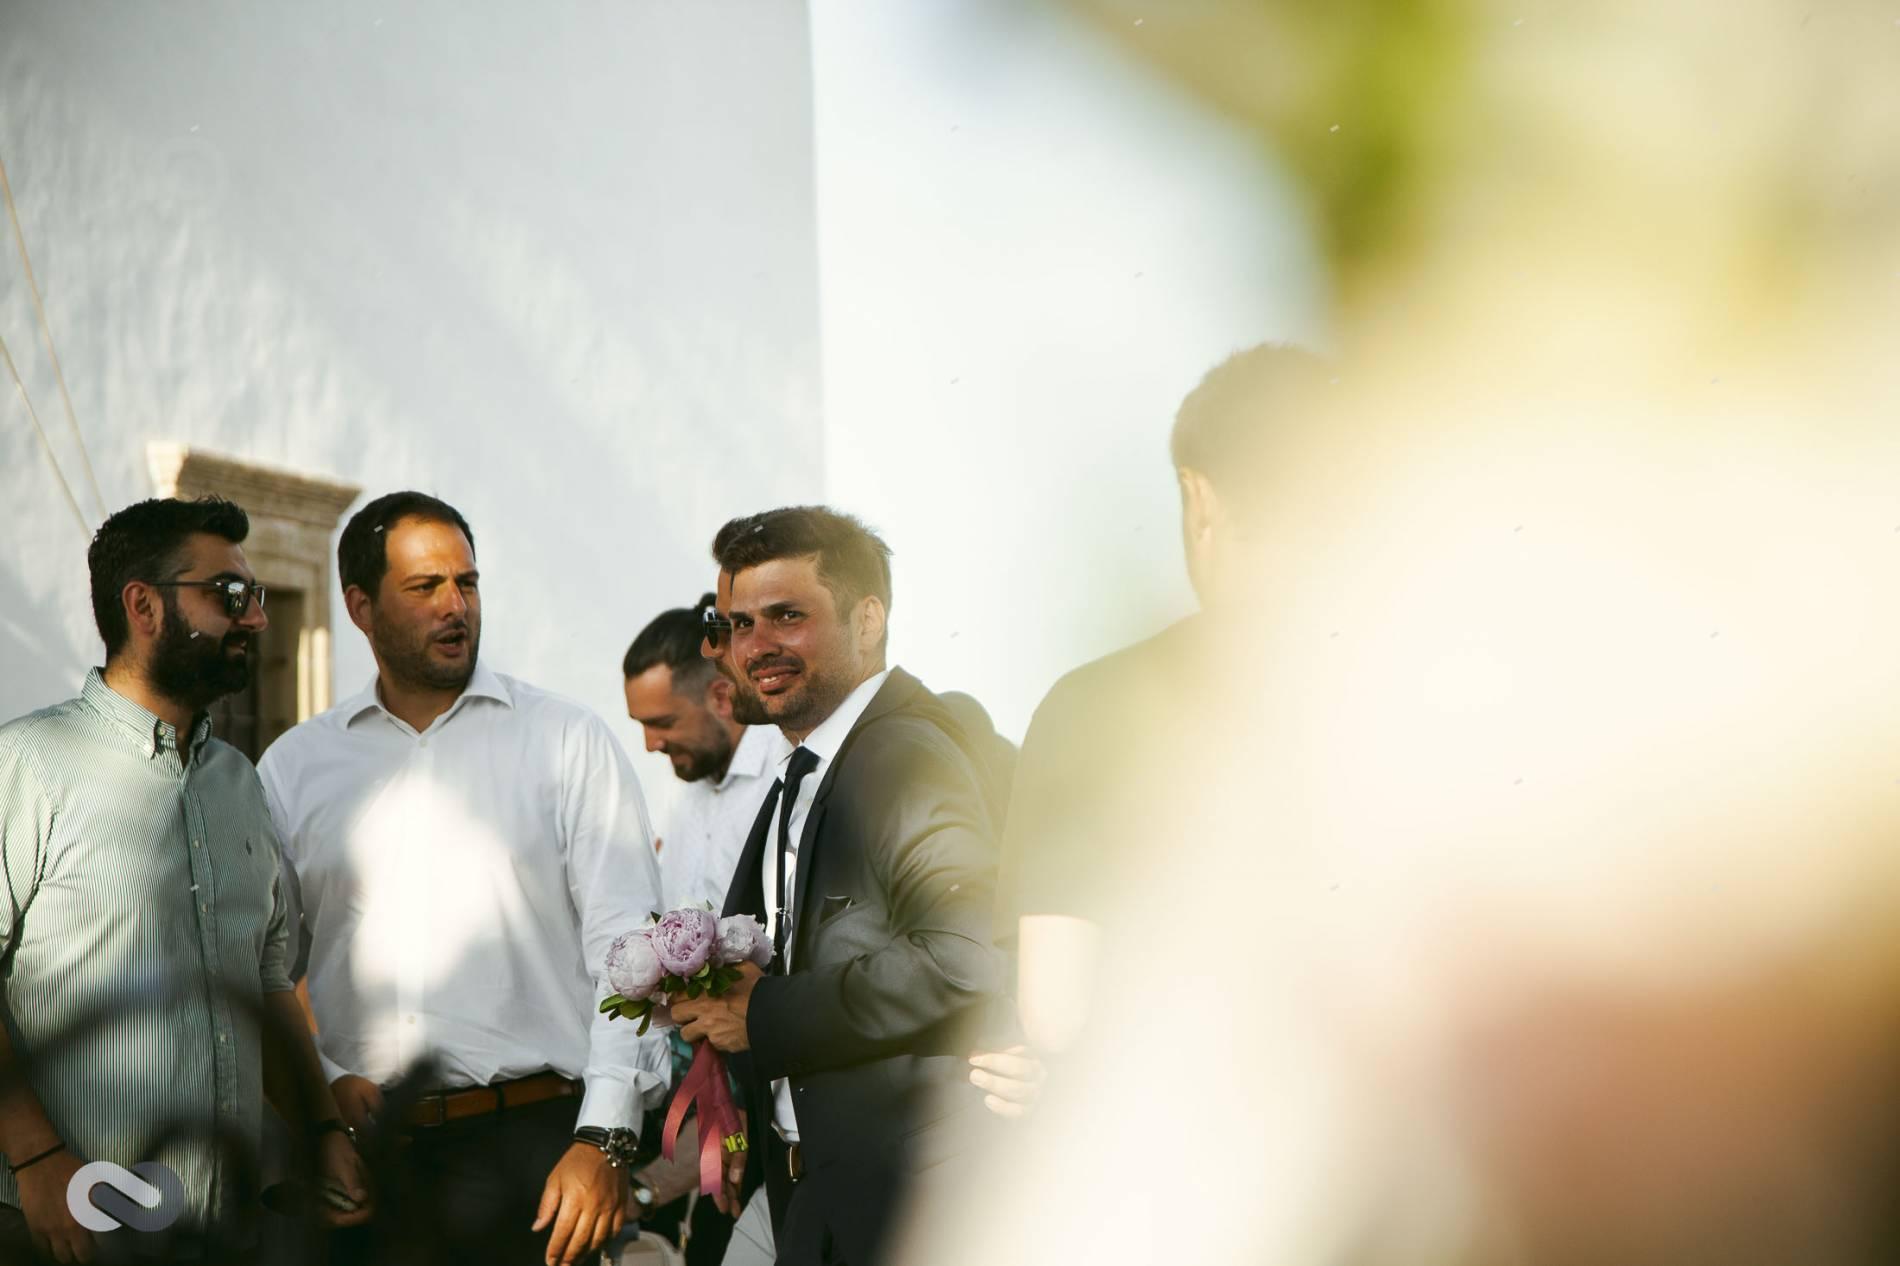 φωτογράφιση γάμου κύθηρα